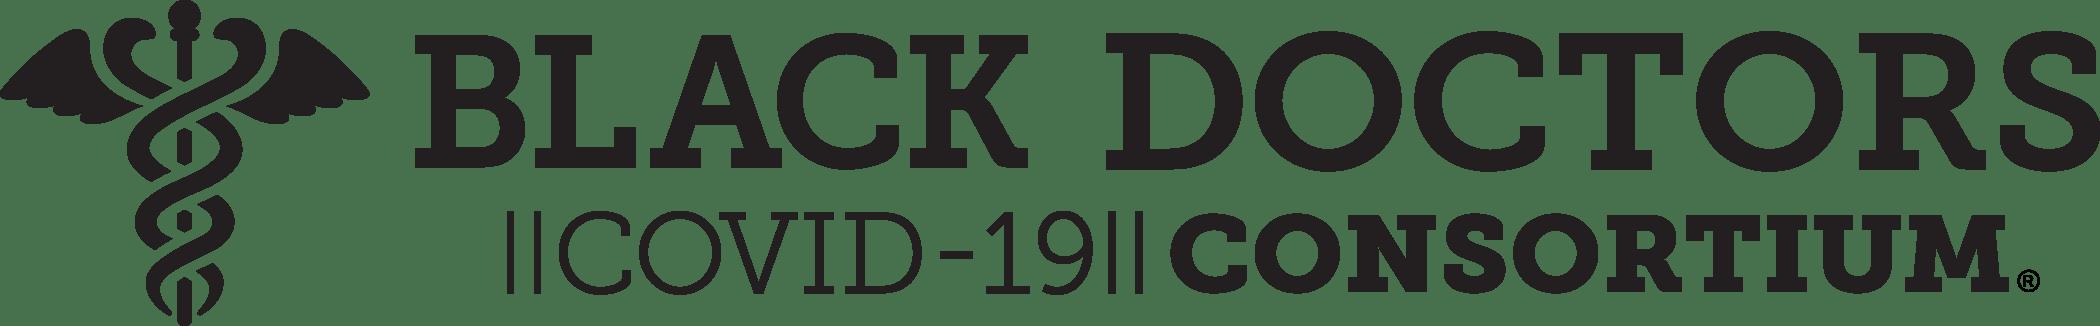 Black Doctors COVID-19 Consortium (BDCC)